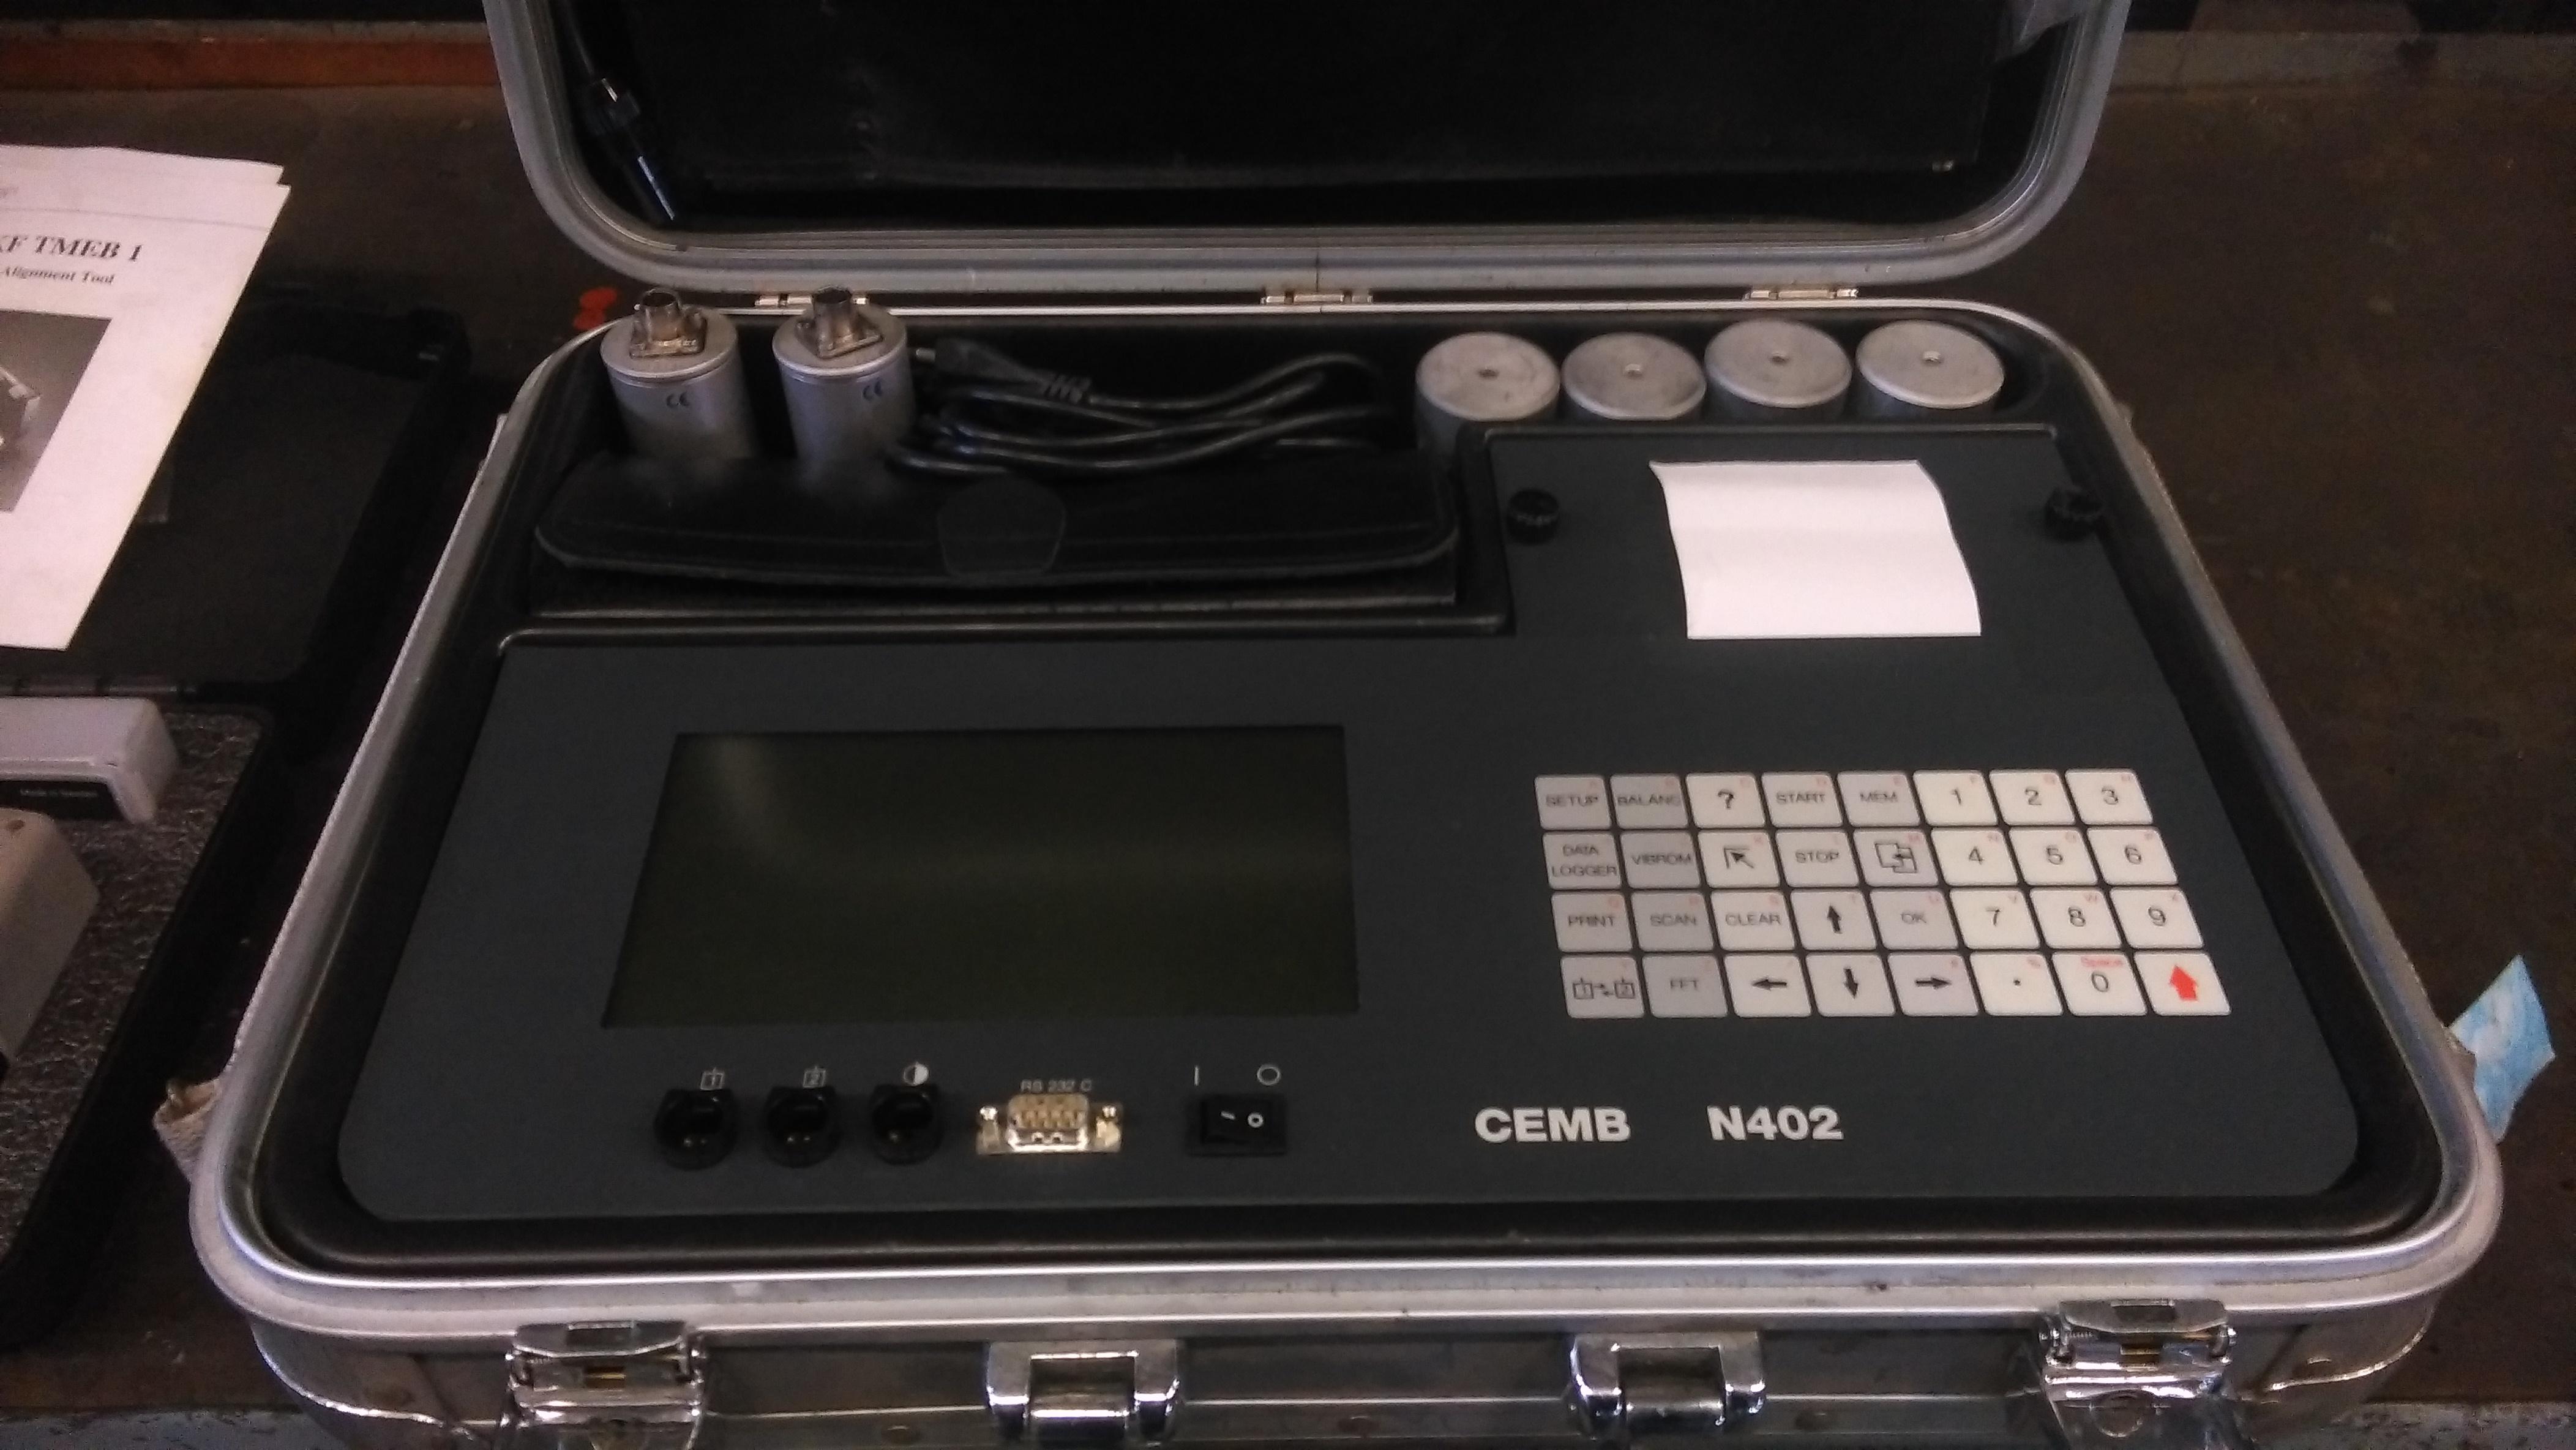 Equilibratrice portatile CEMB